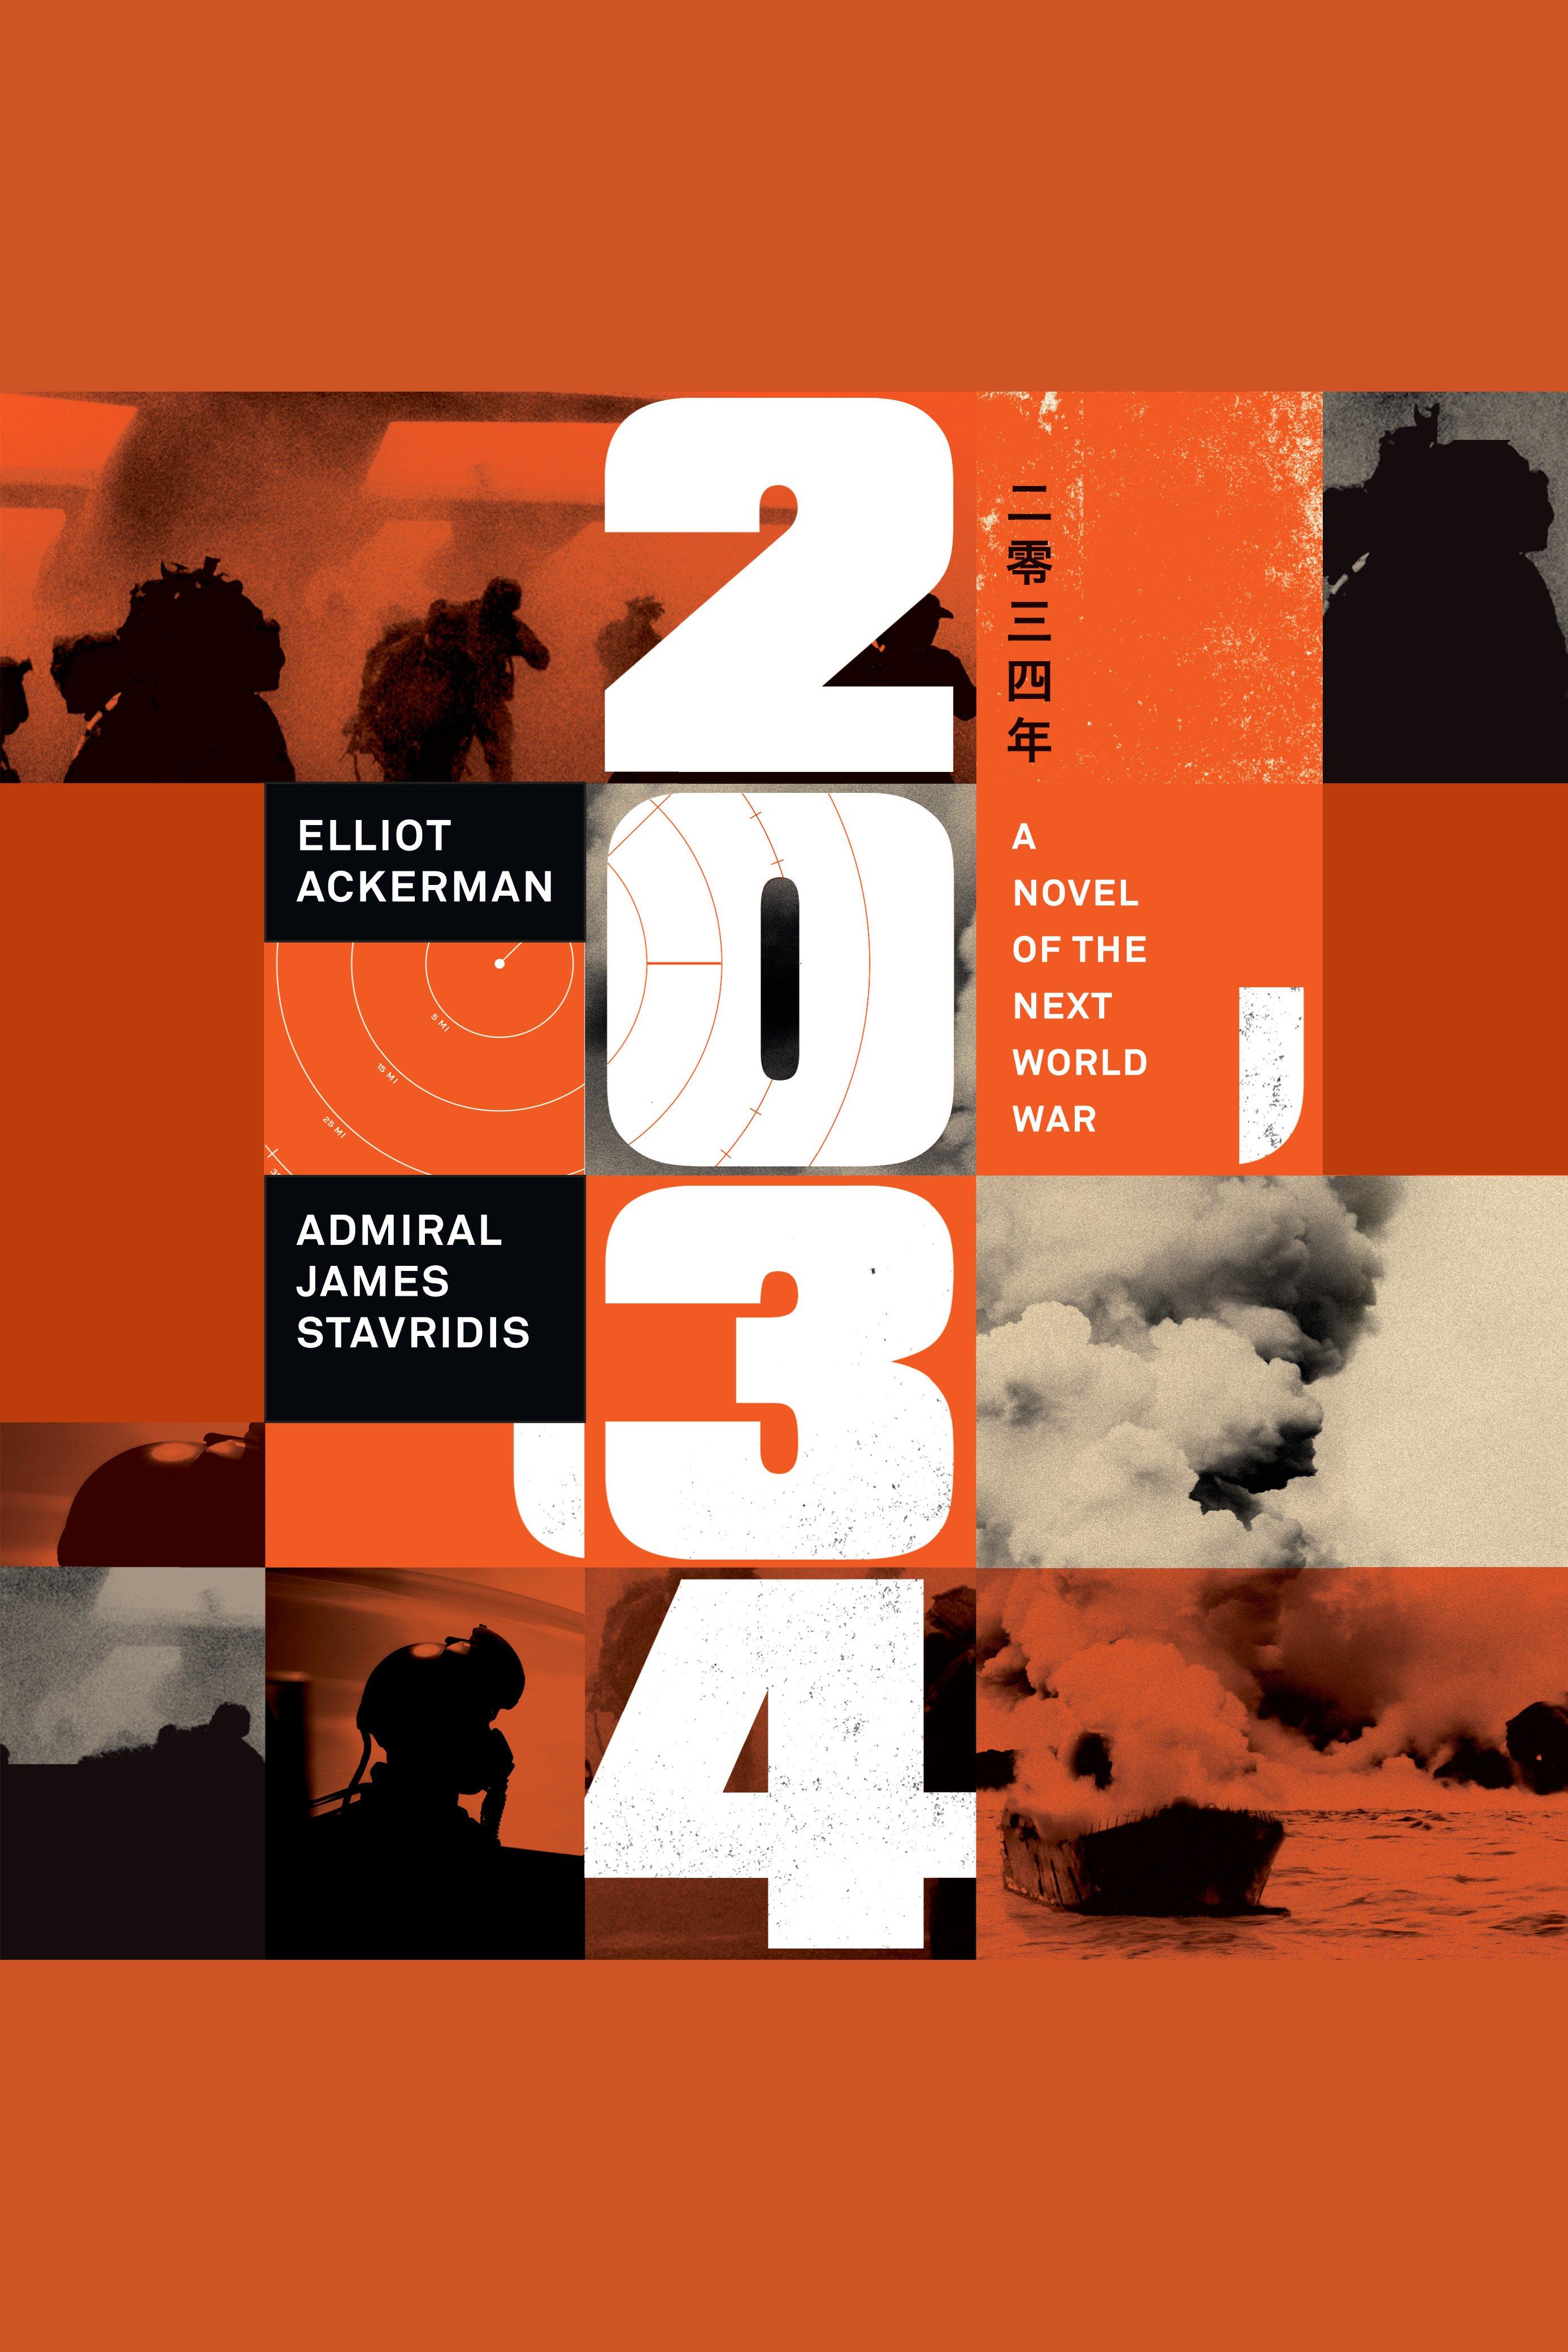 2034 A Novel of the Next World War